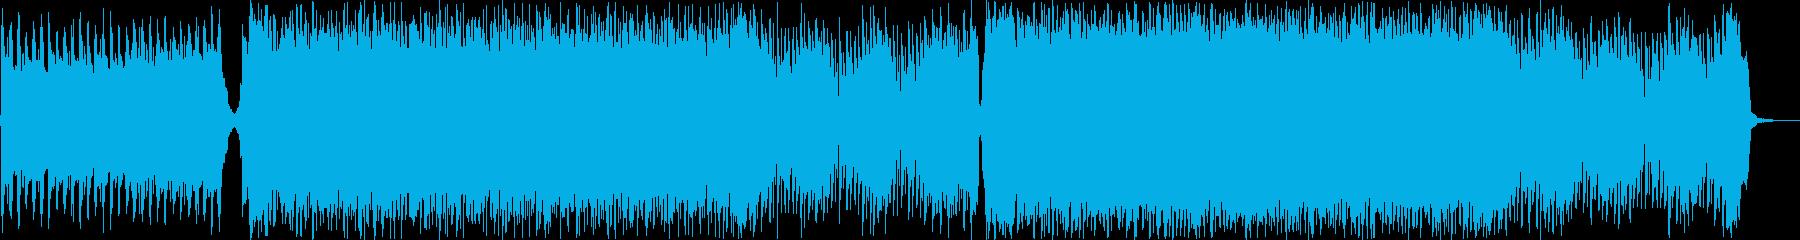 事件や危険な場面に流れるロックBGMの再生済みの波形